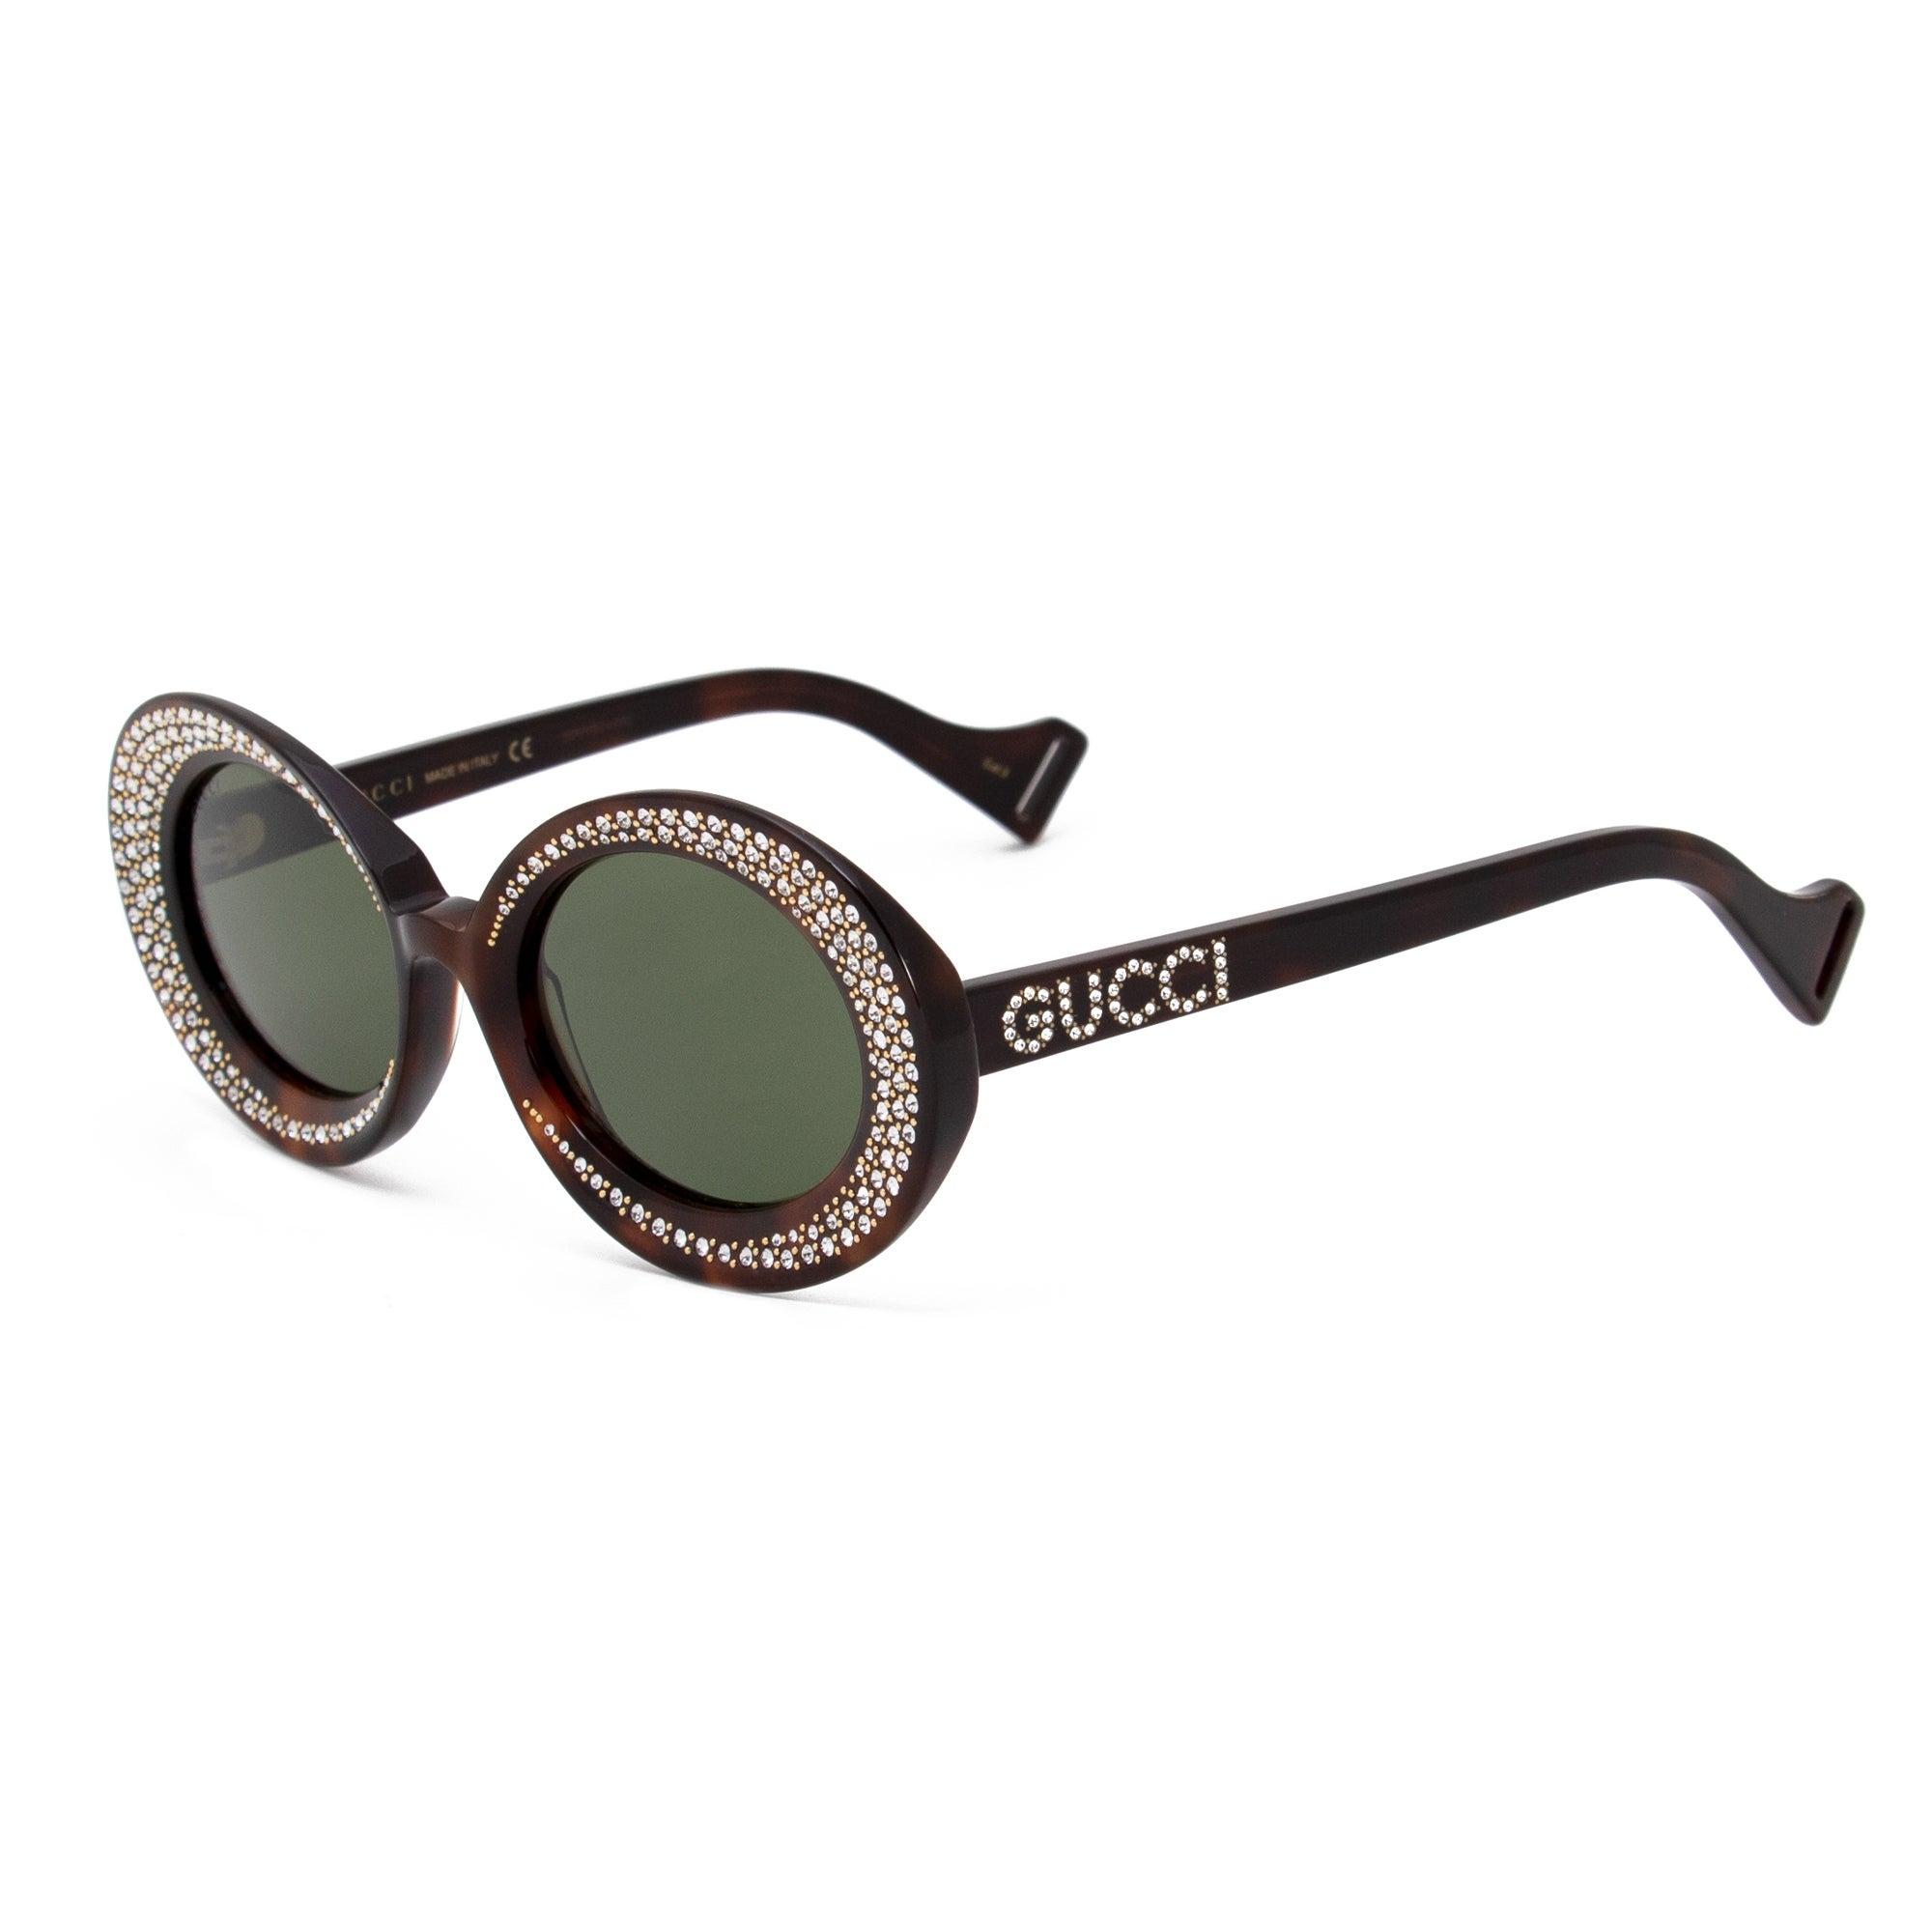 Gucci GG0618S 001 54